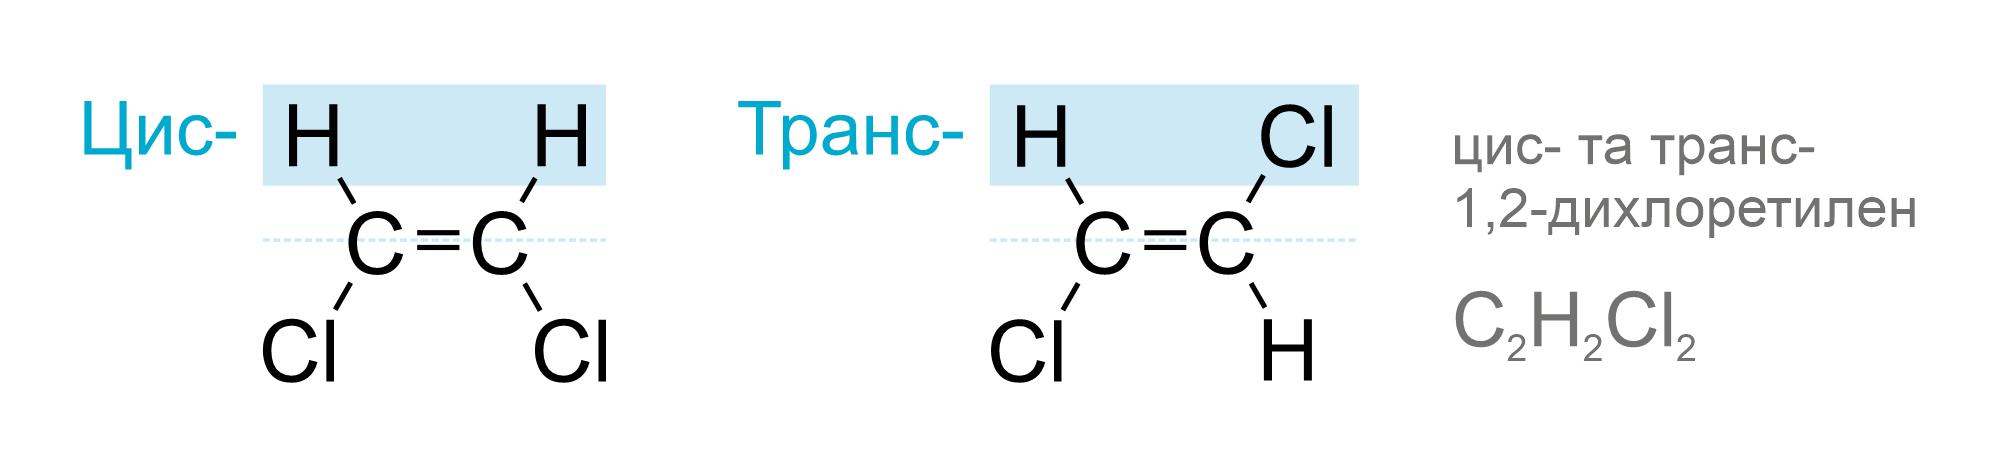 Транс- і цис-ізомери: 1,2-дихлоретилен C2H2Cl2